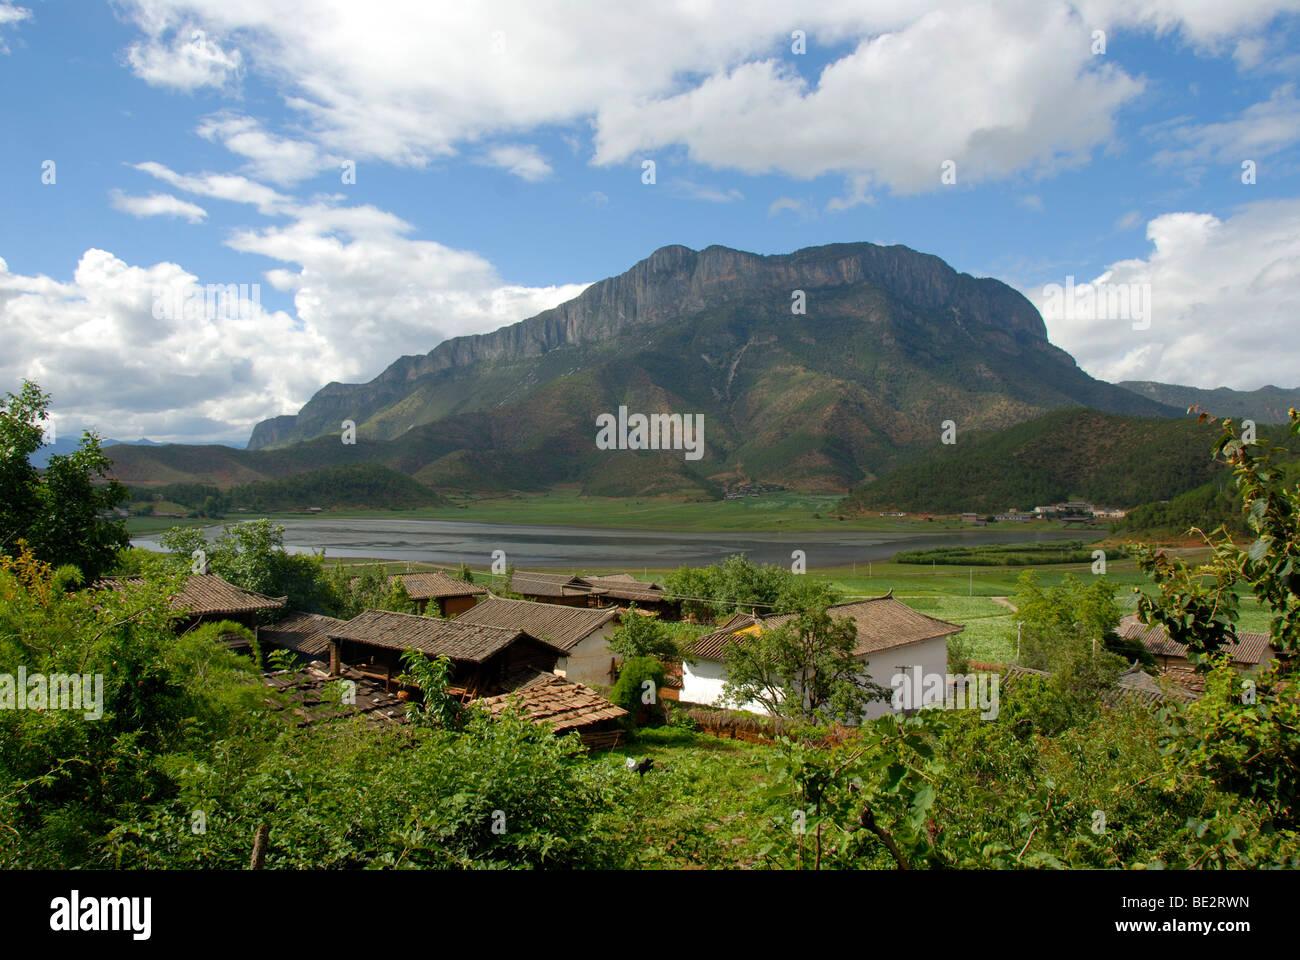 Aldea de la etnia Shan Gemu Mosu, Montaña, Zona de Lago Lugu Hu, provincia de Yunnan, República Popular Imagen De Stock